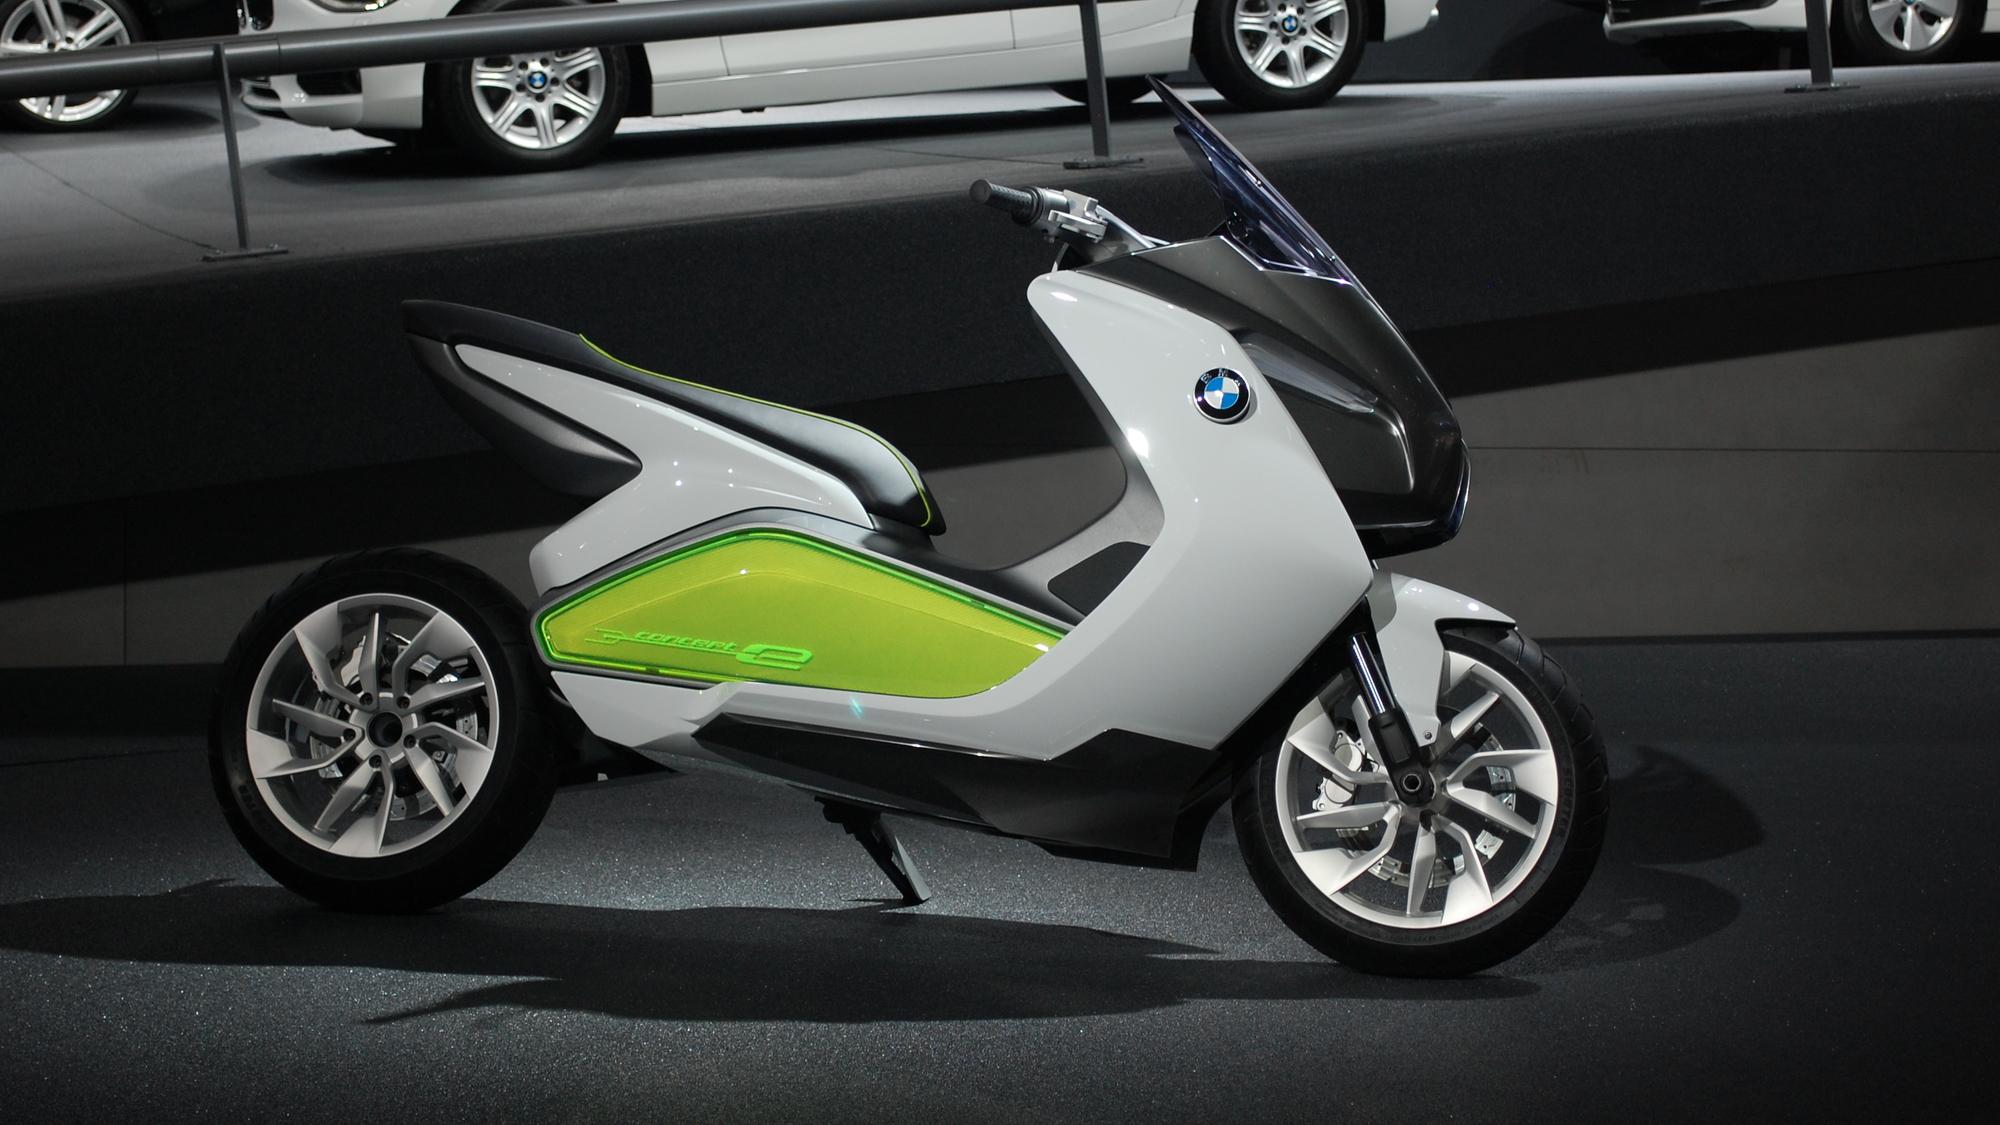 BMW Concept E, 2011 Frankfurt Auto Show